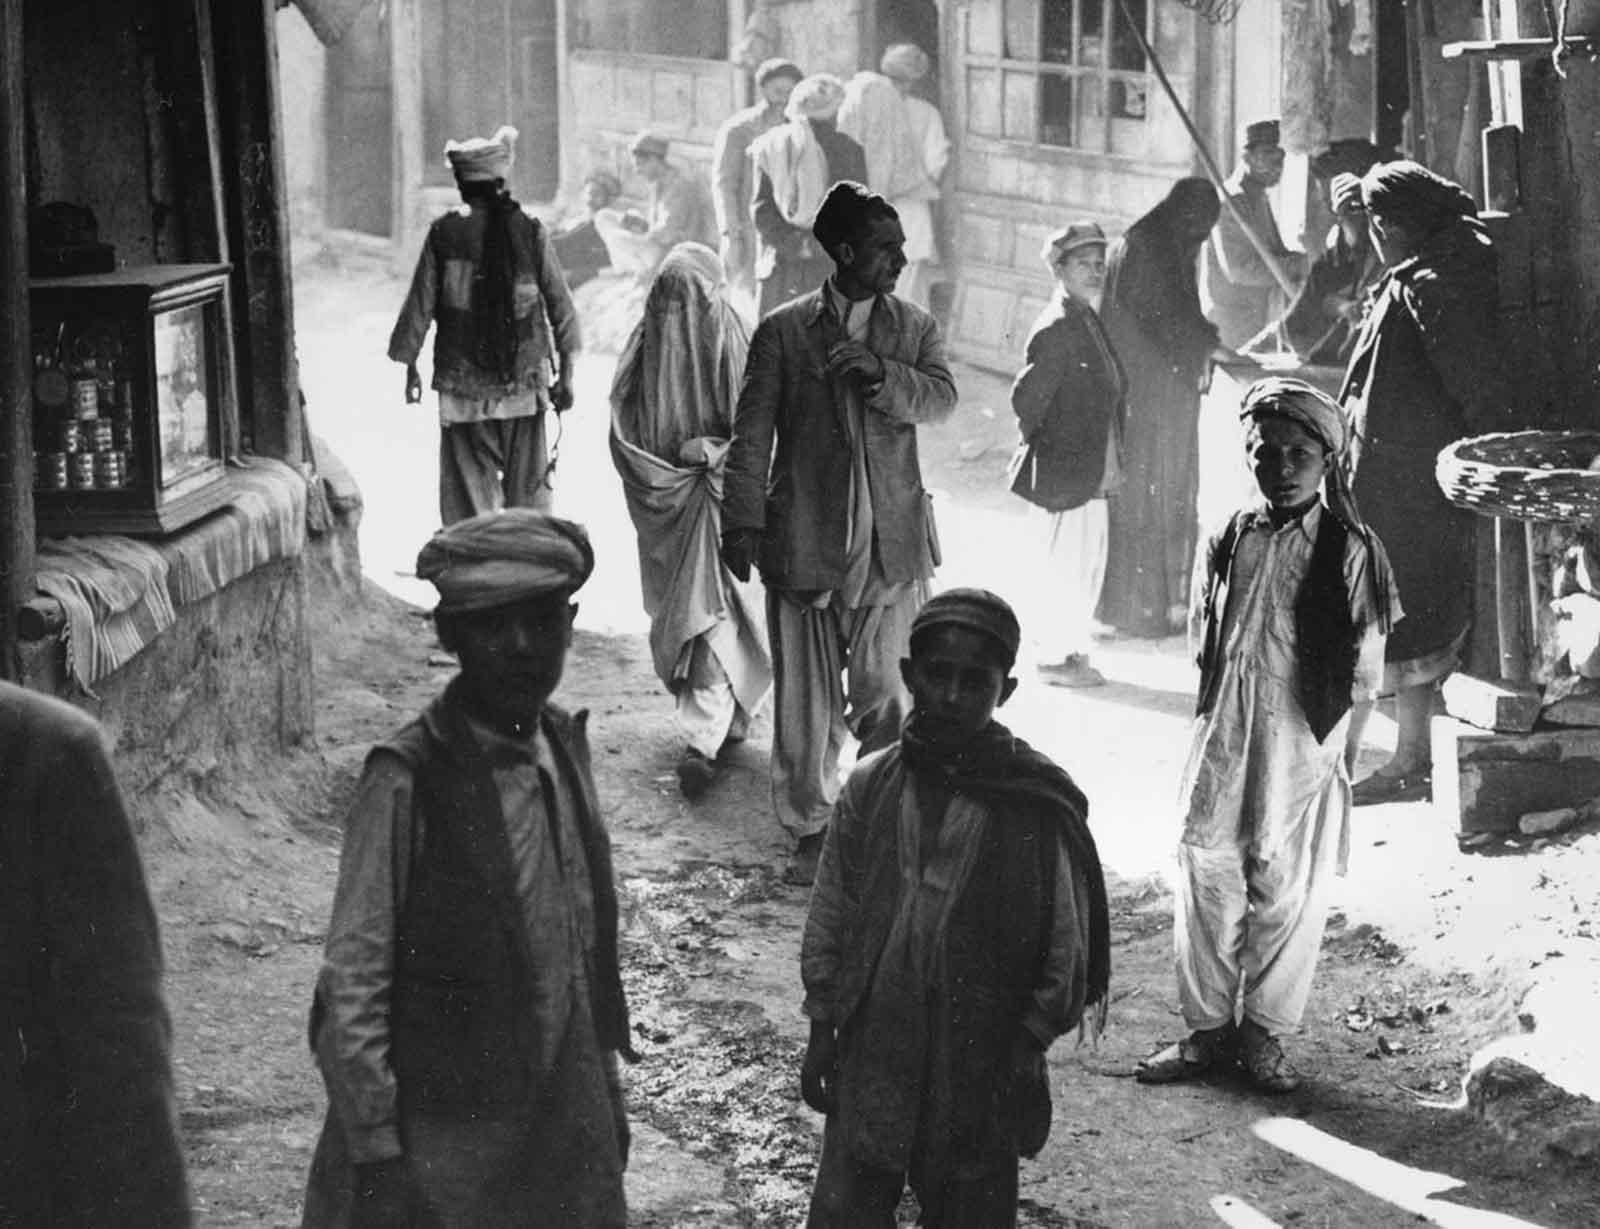 Muchachos, hombres y una mujer afganos caminan por una calle en Kabul, Afganistán, el 26 de marzo de 1954.